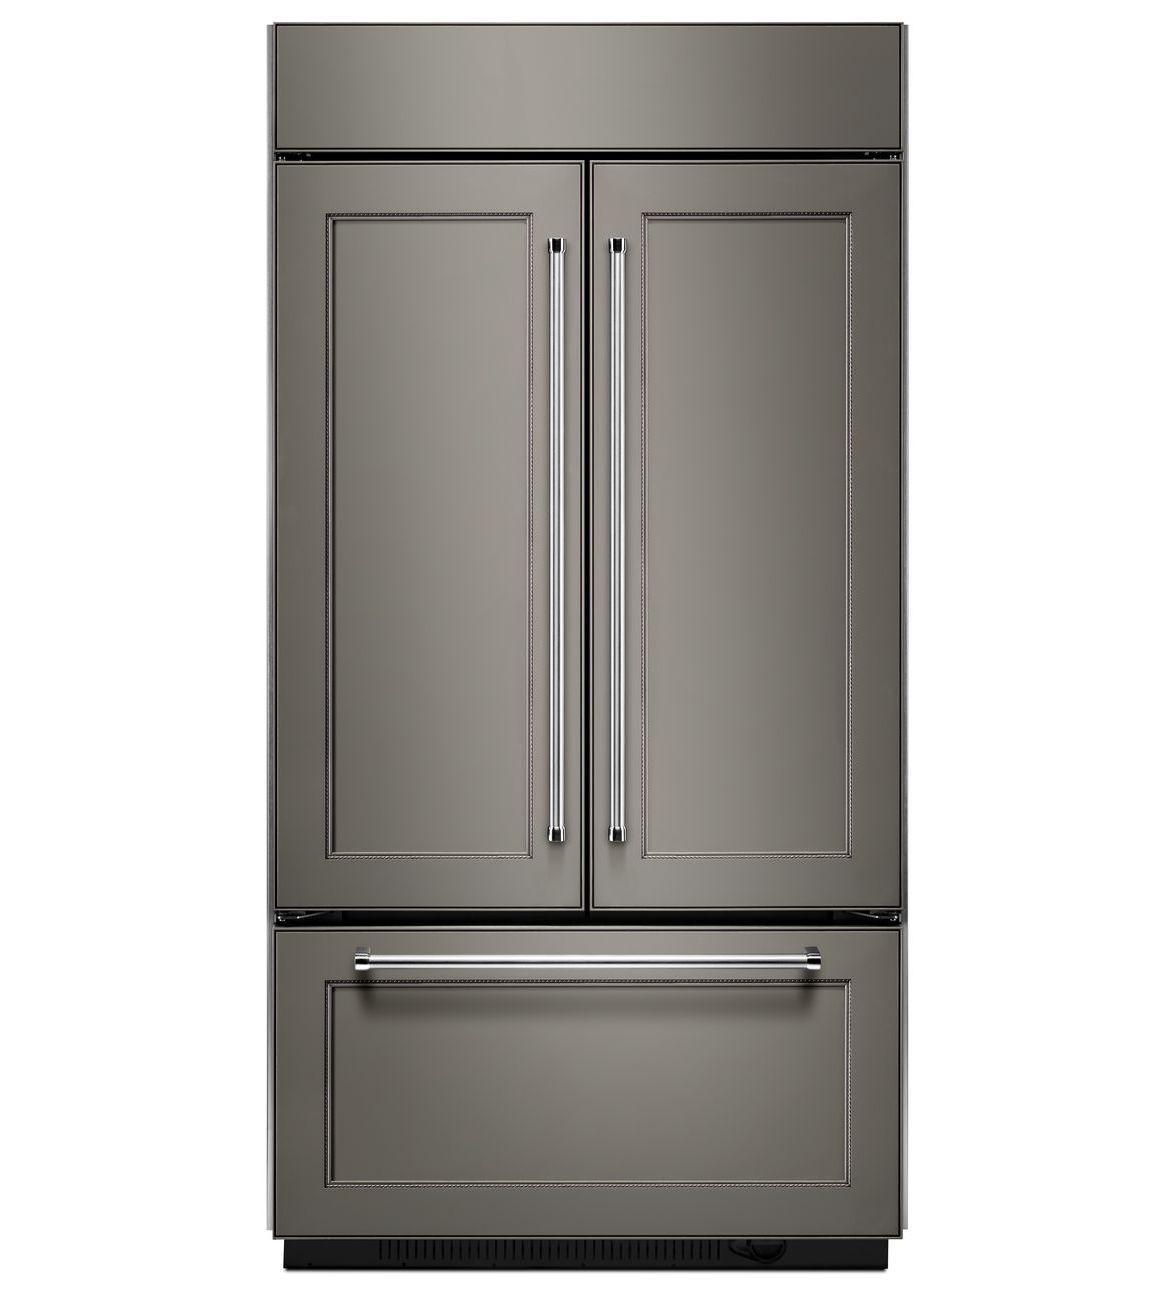 Kbfn402e Kitchenaid Kbfn402e Bottom Freezer Refrigerators